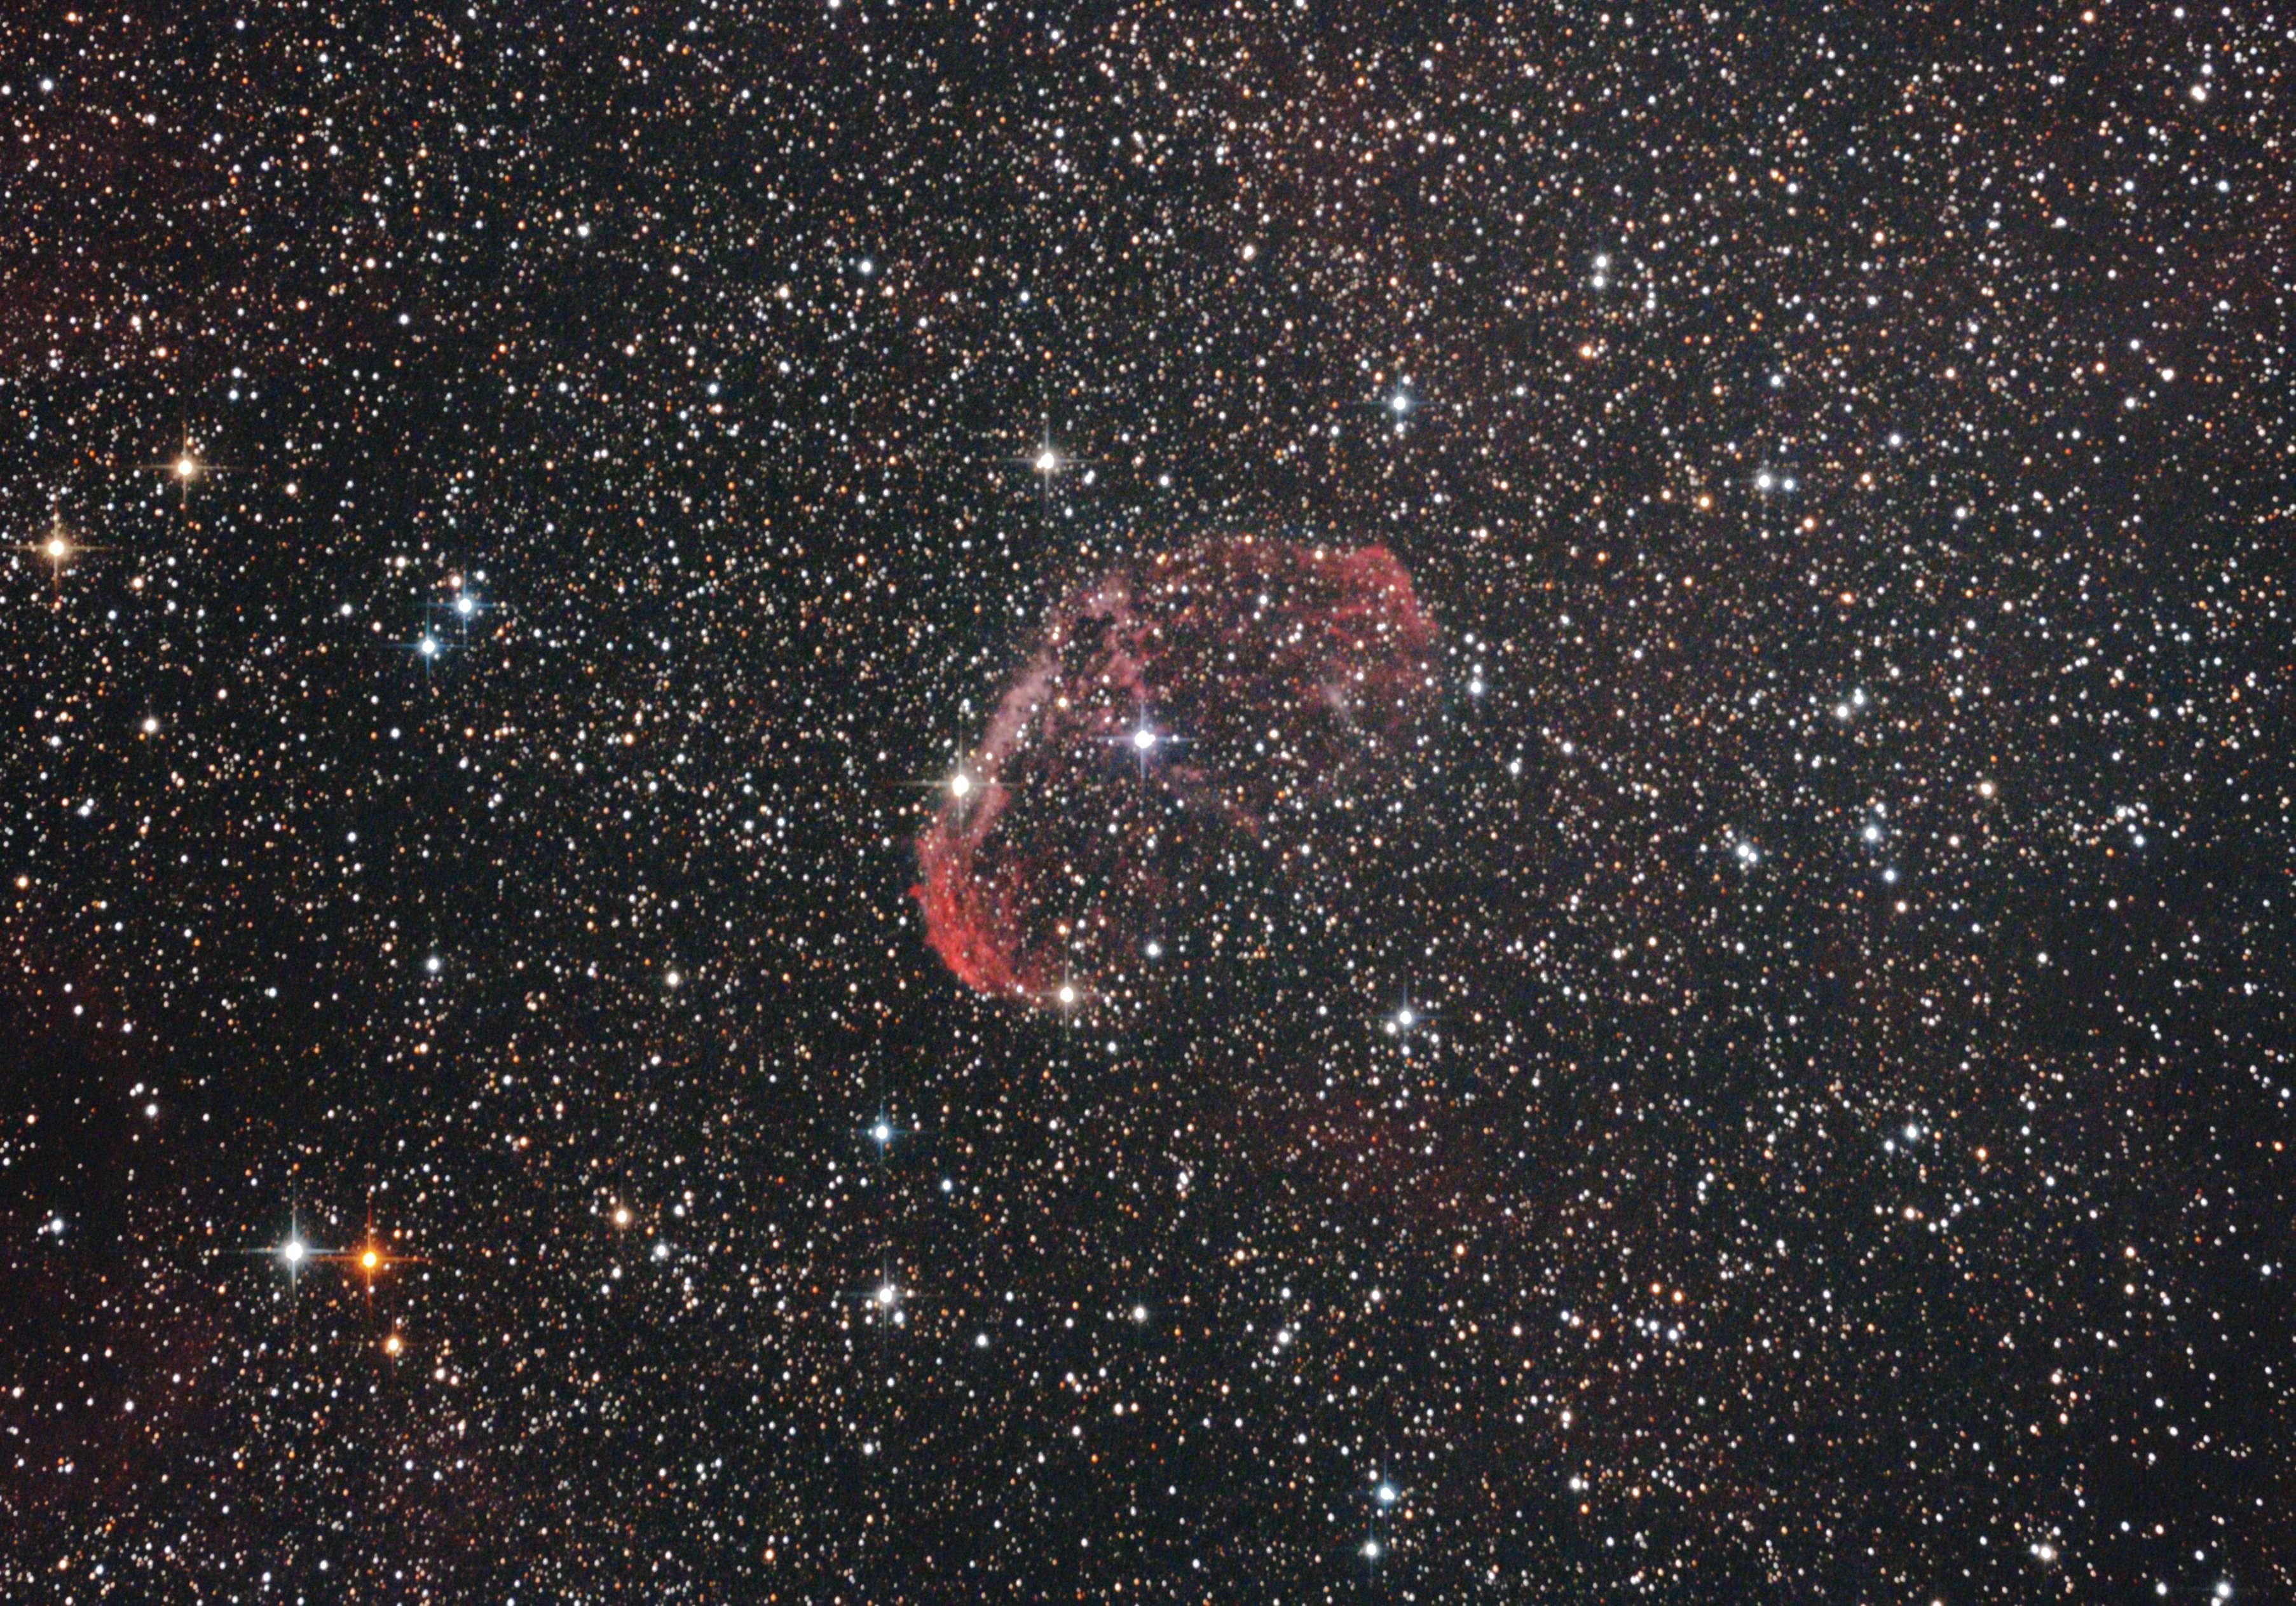 三日月星雲ngc6888trim20150809